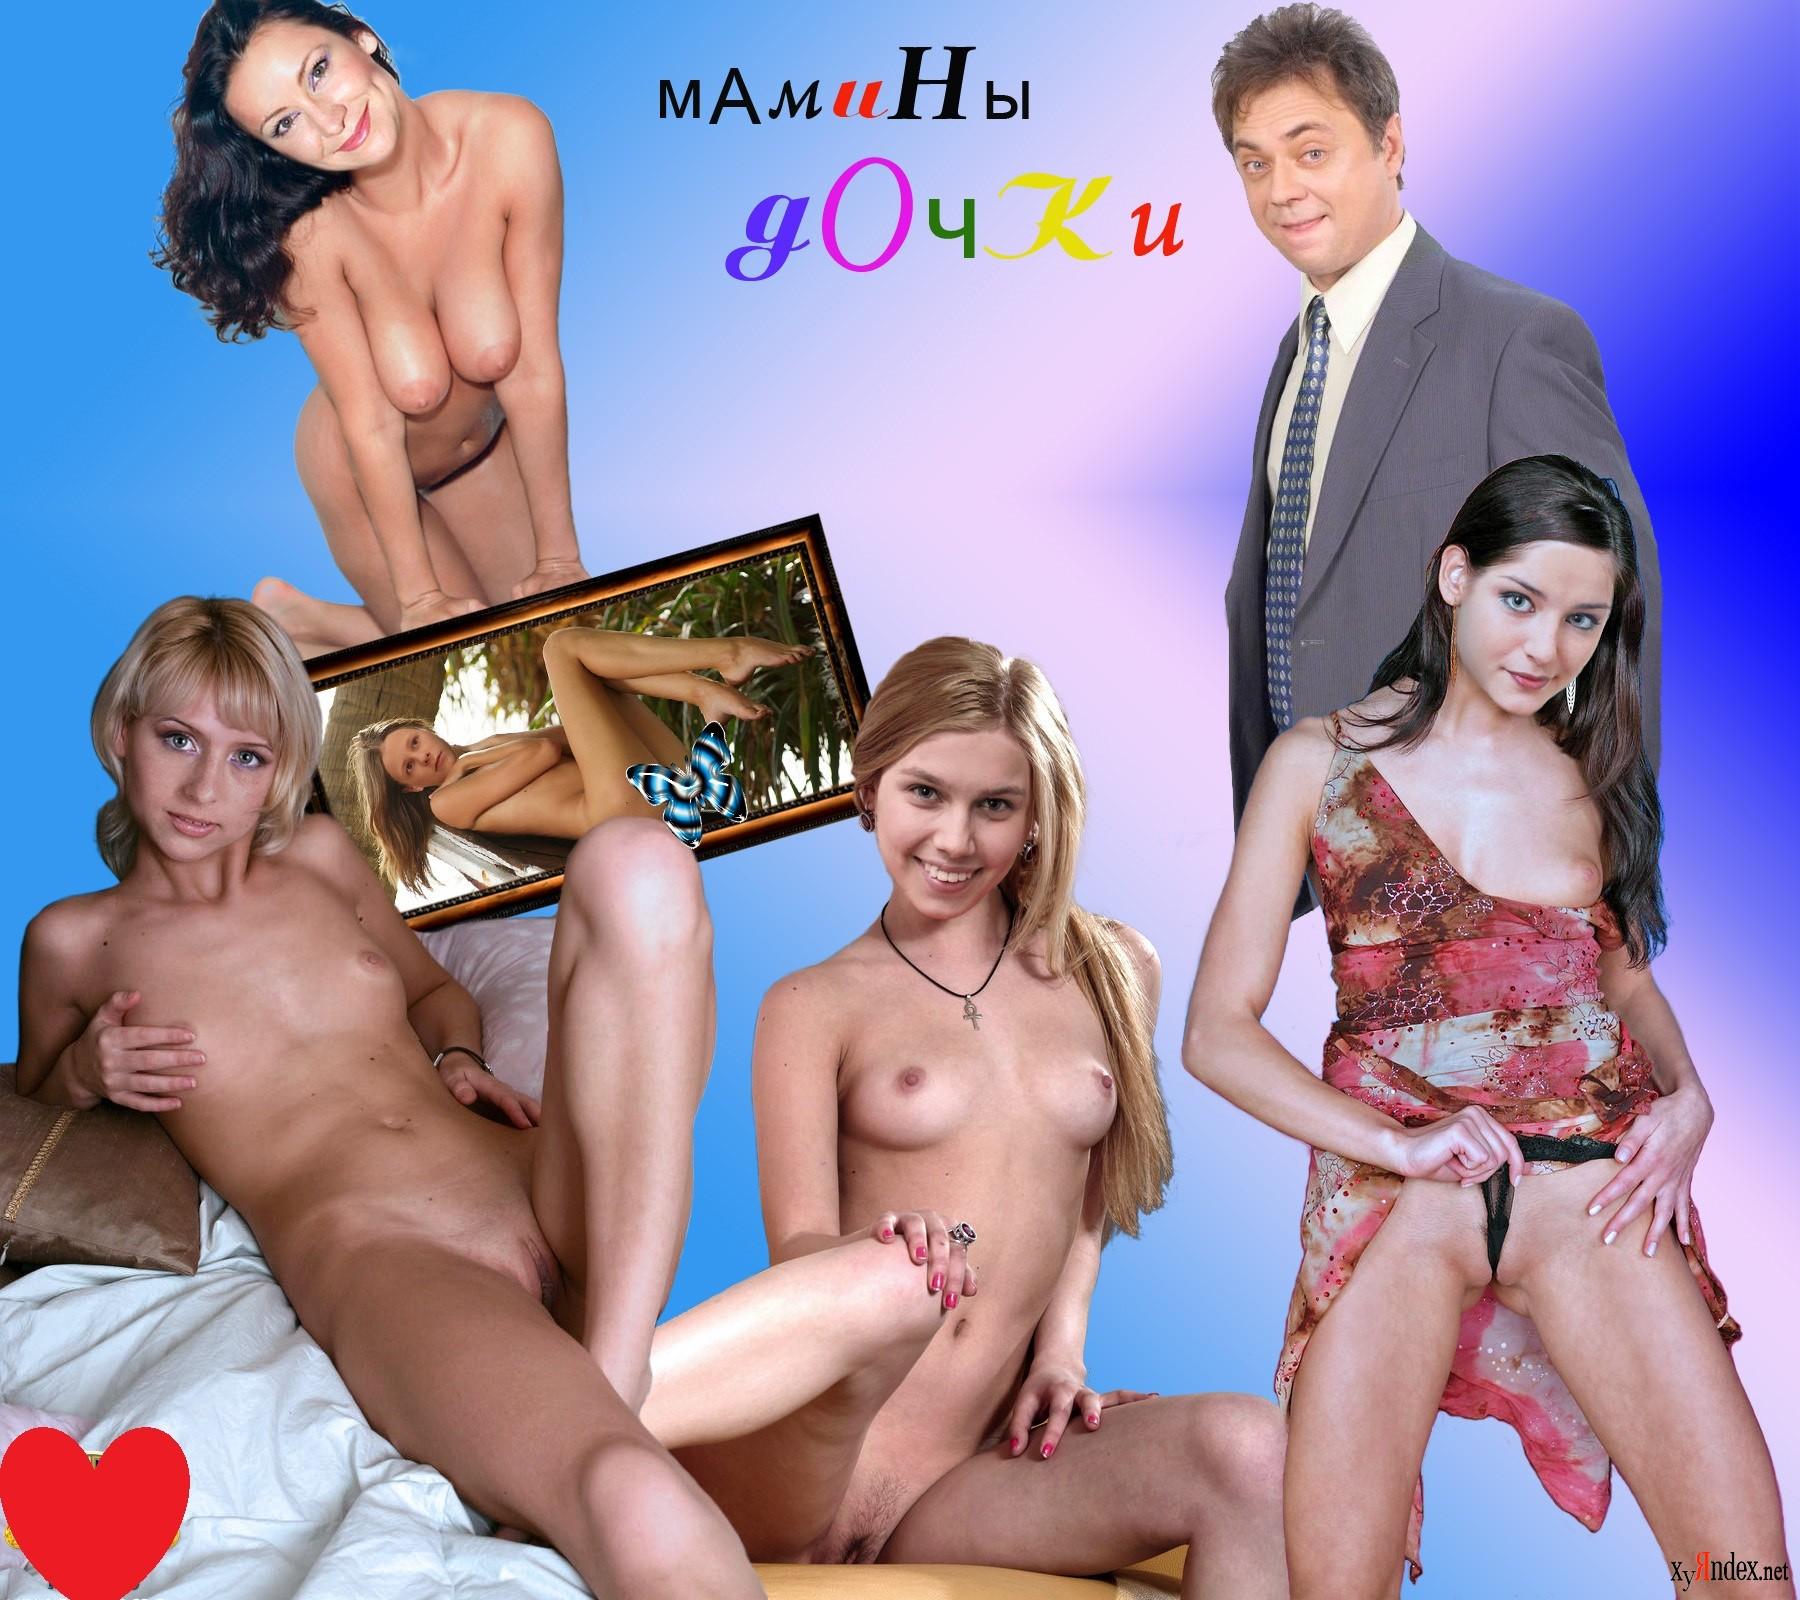 прощения, это Смотреть порно фильмы доминирование блог меня фаворитах моему